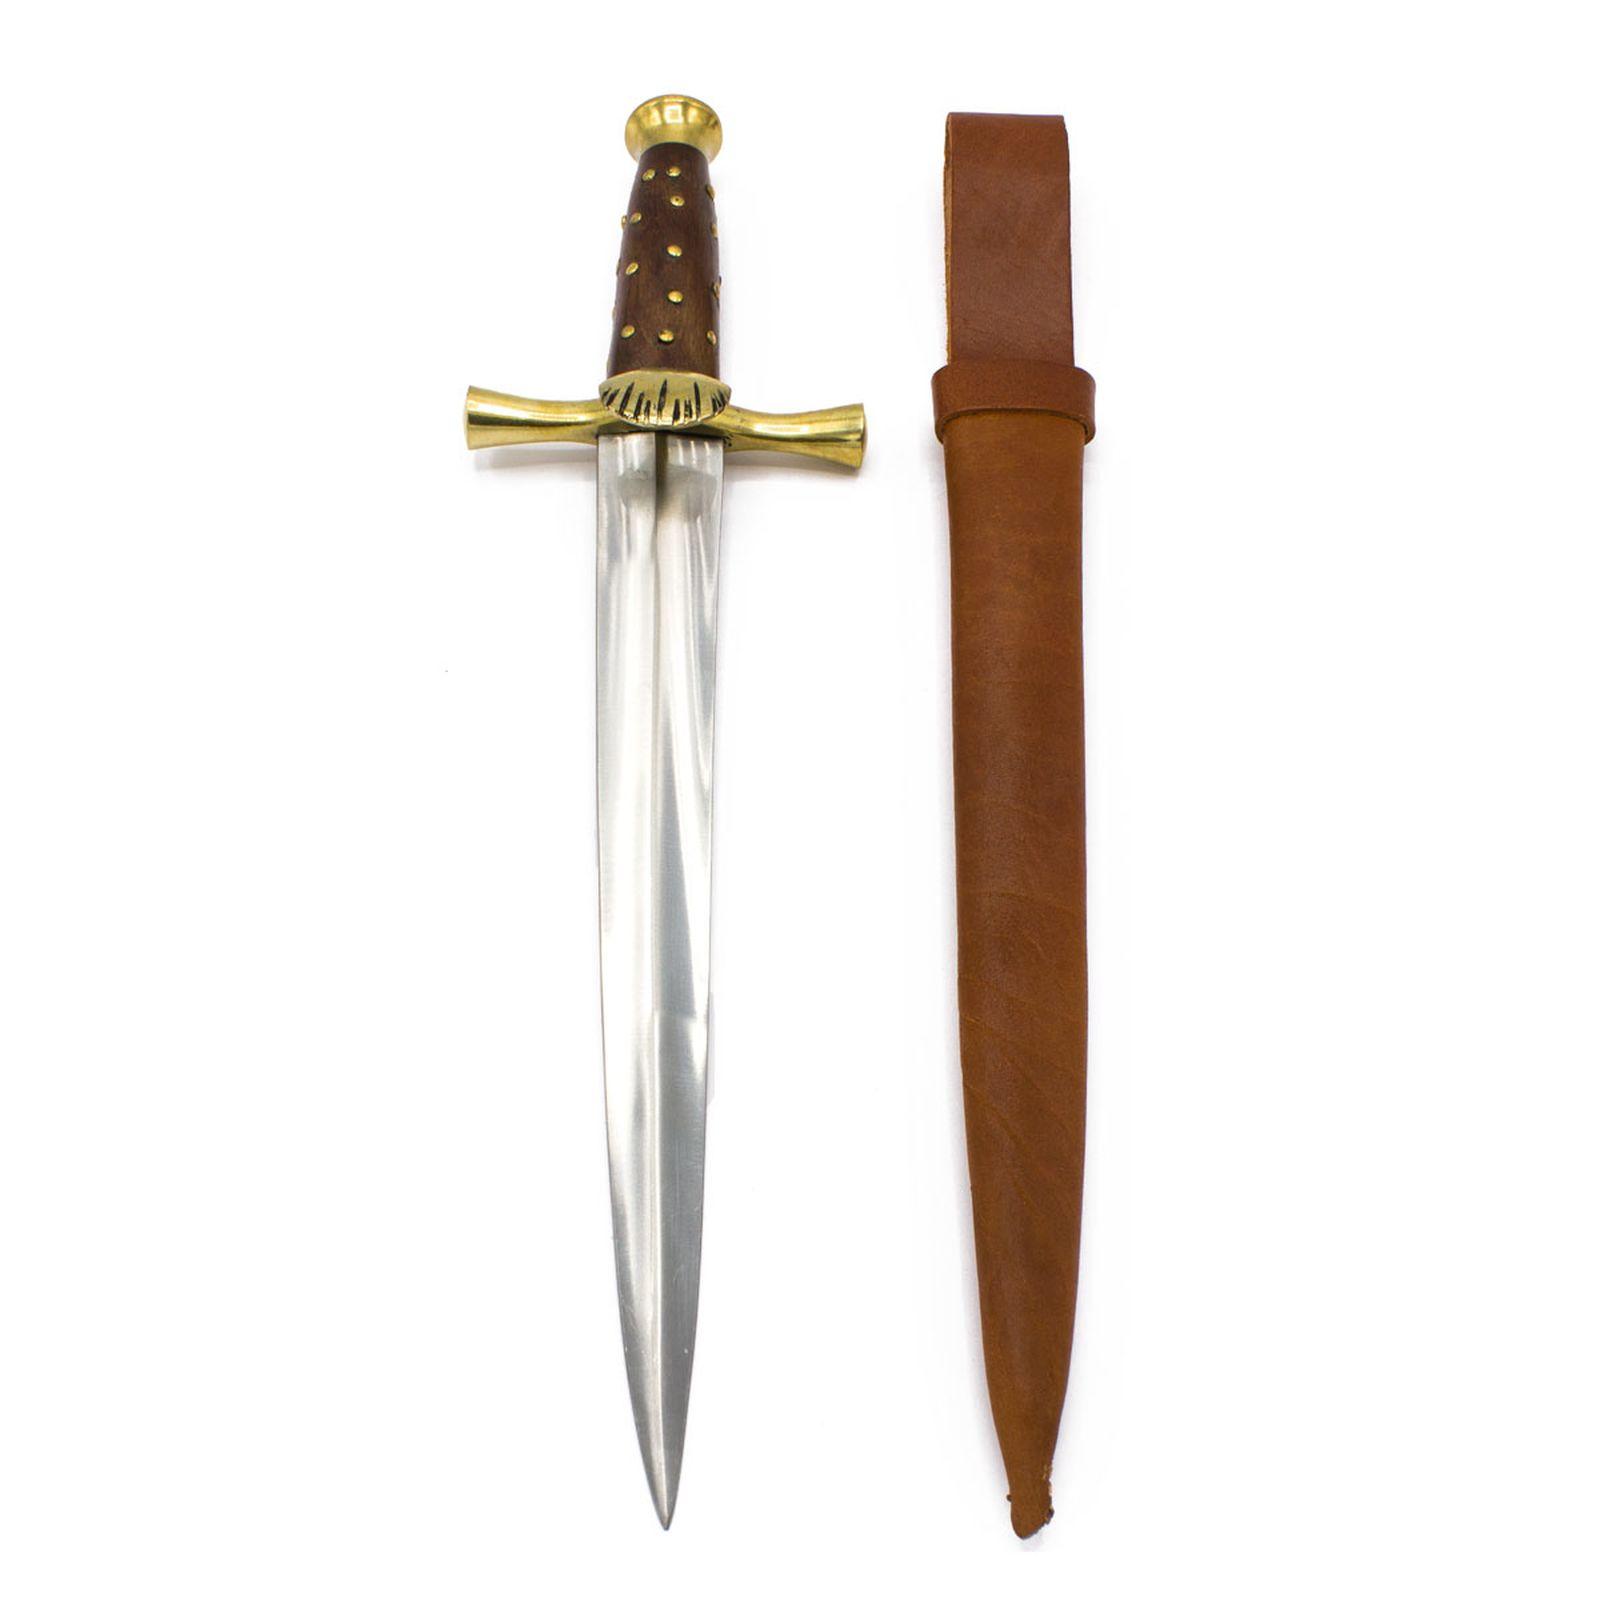 parry dagger / blade breaker